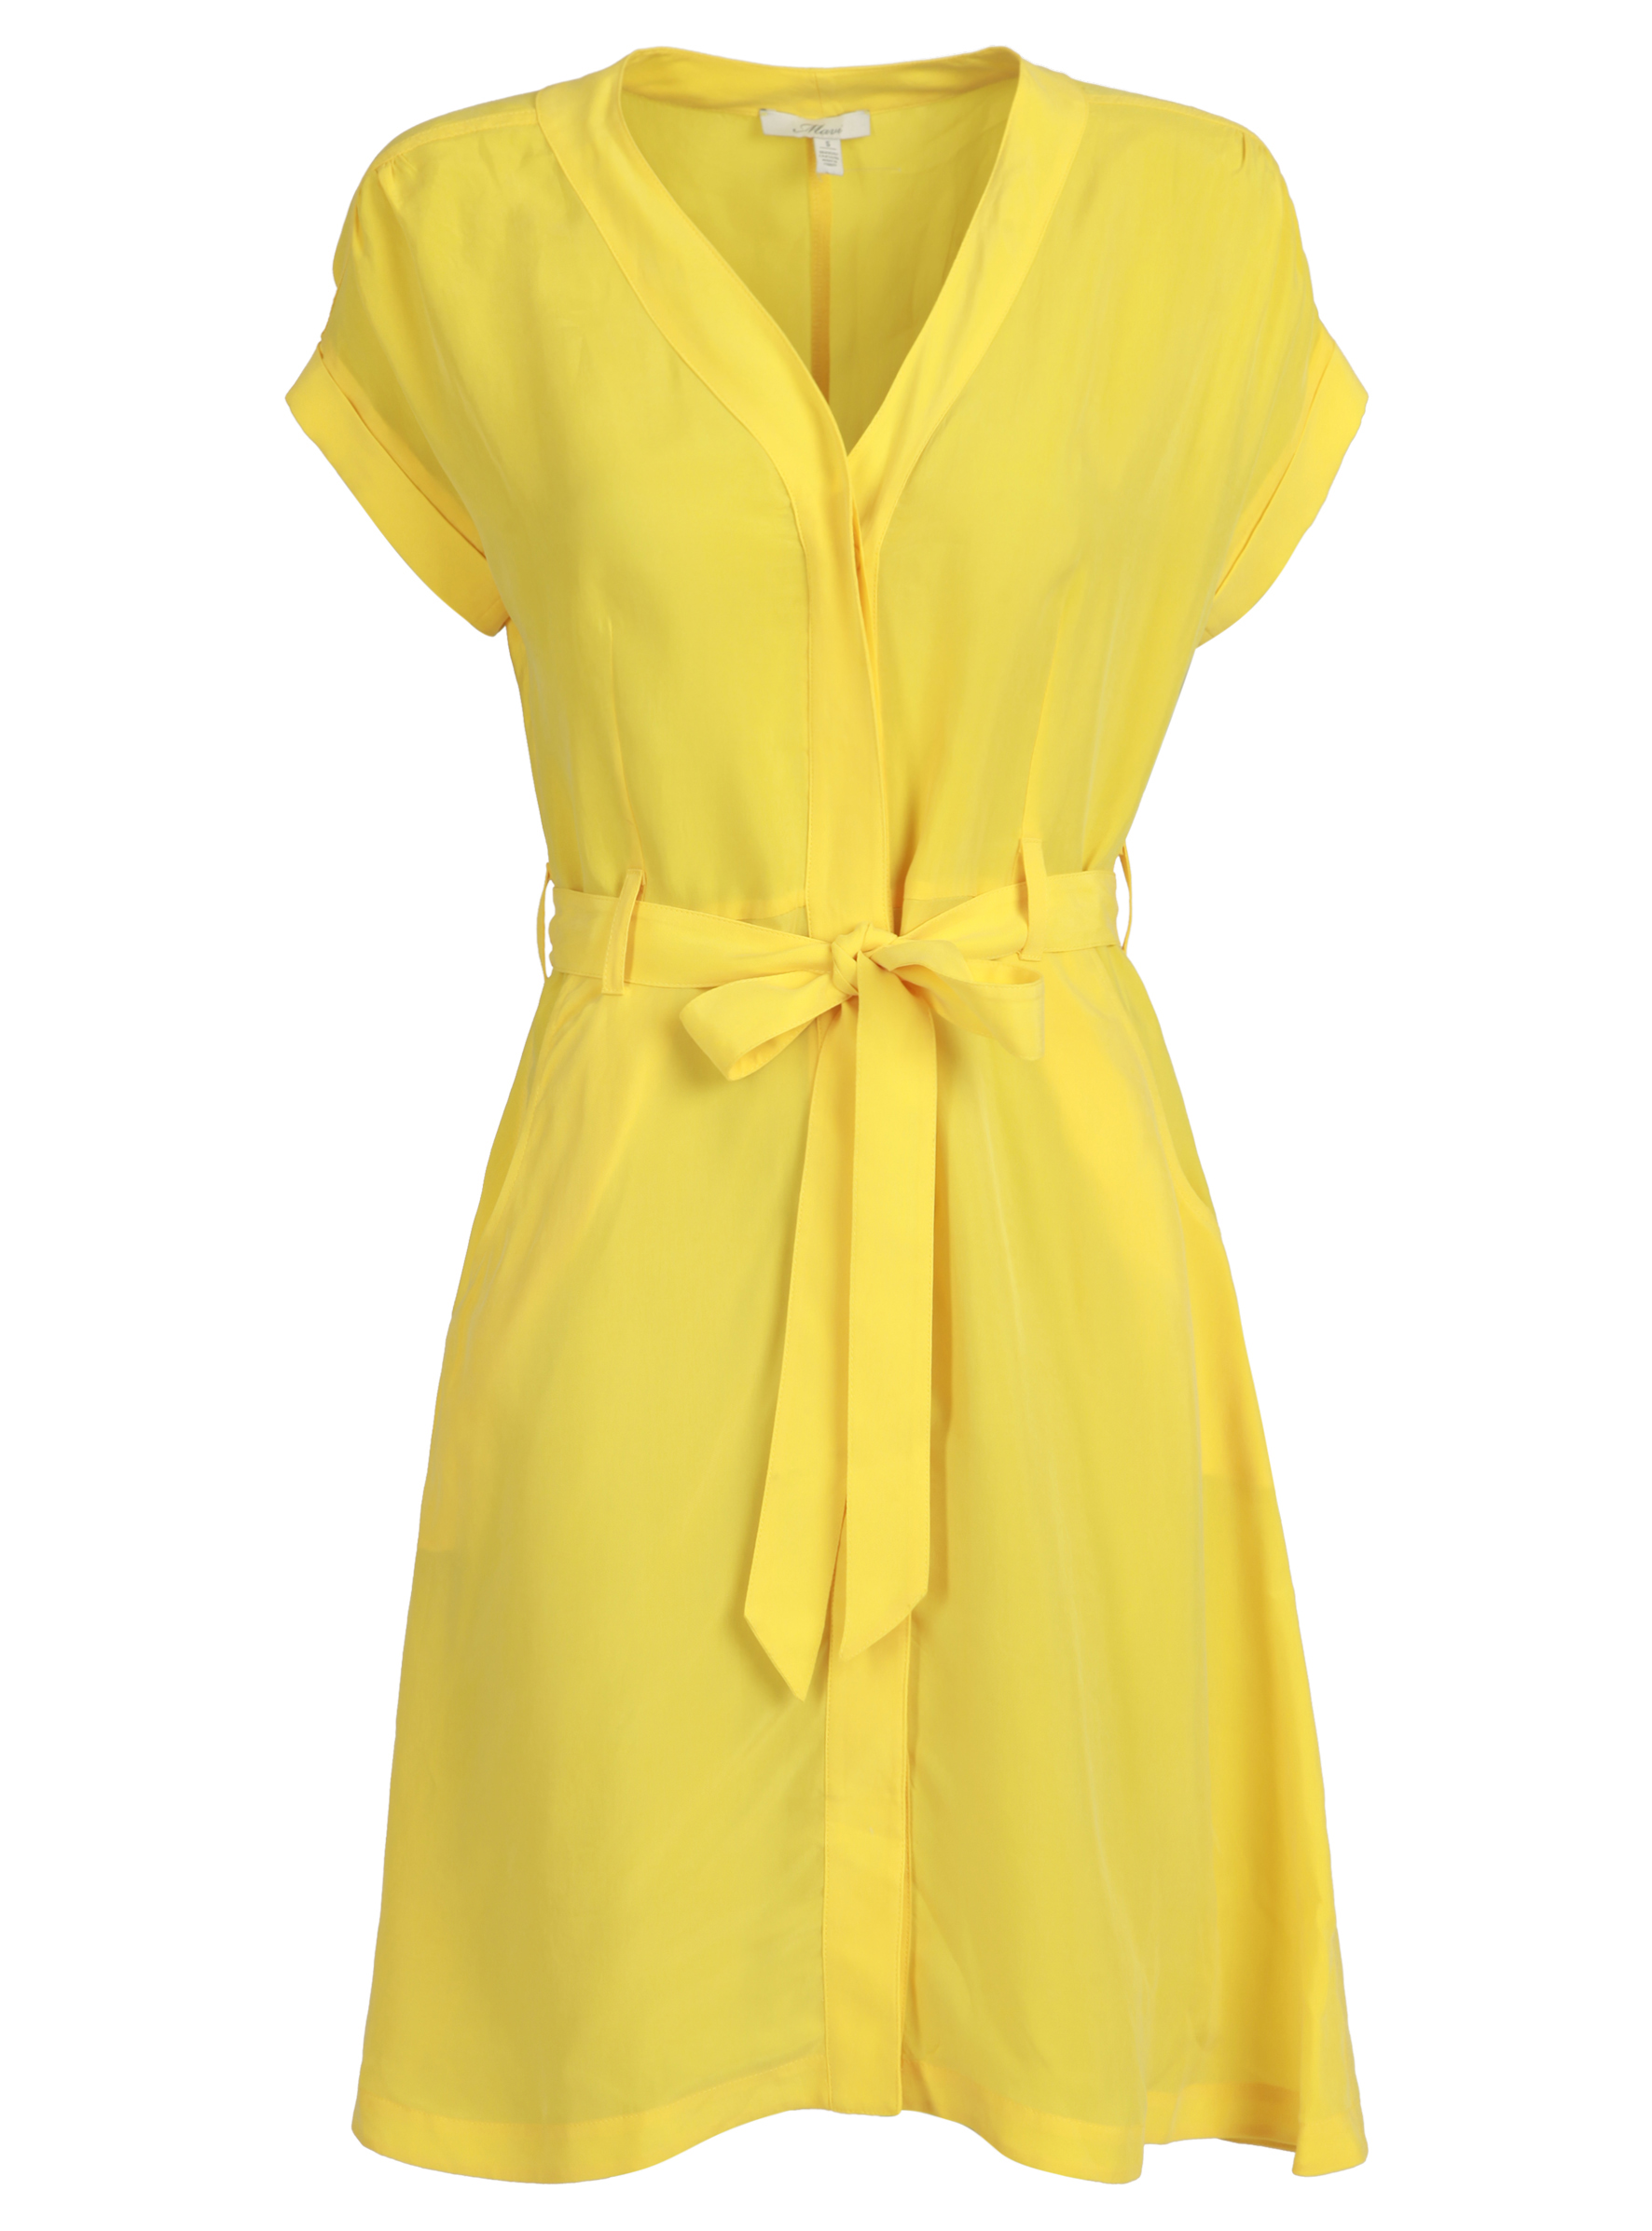 Zitronen gelbes Kleid aus Cupro in der Mavi Uptown Sommer Kollektion